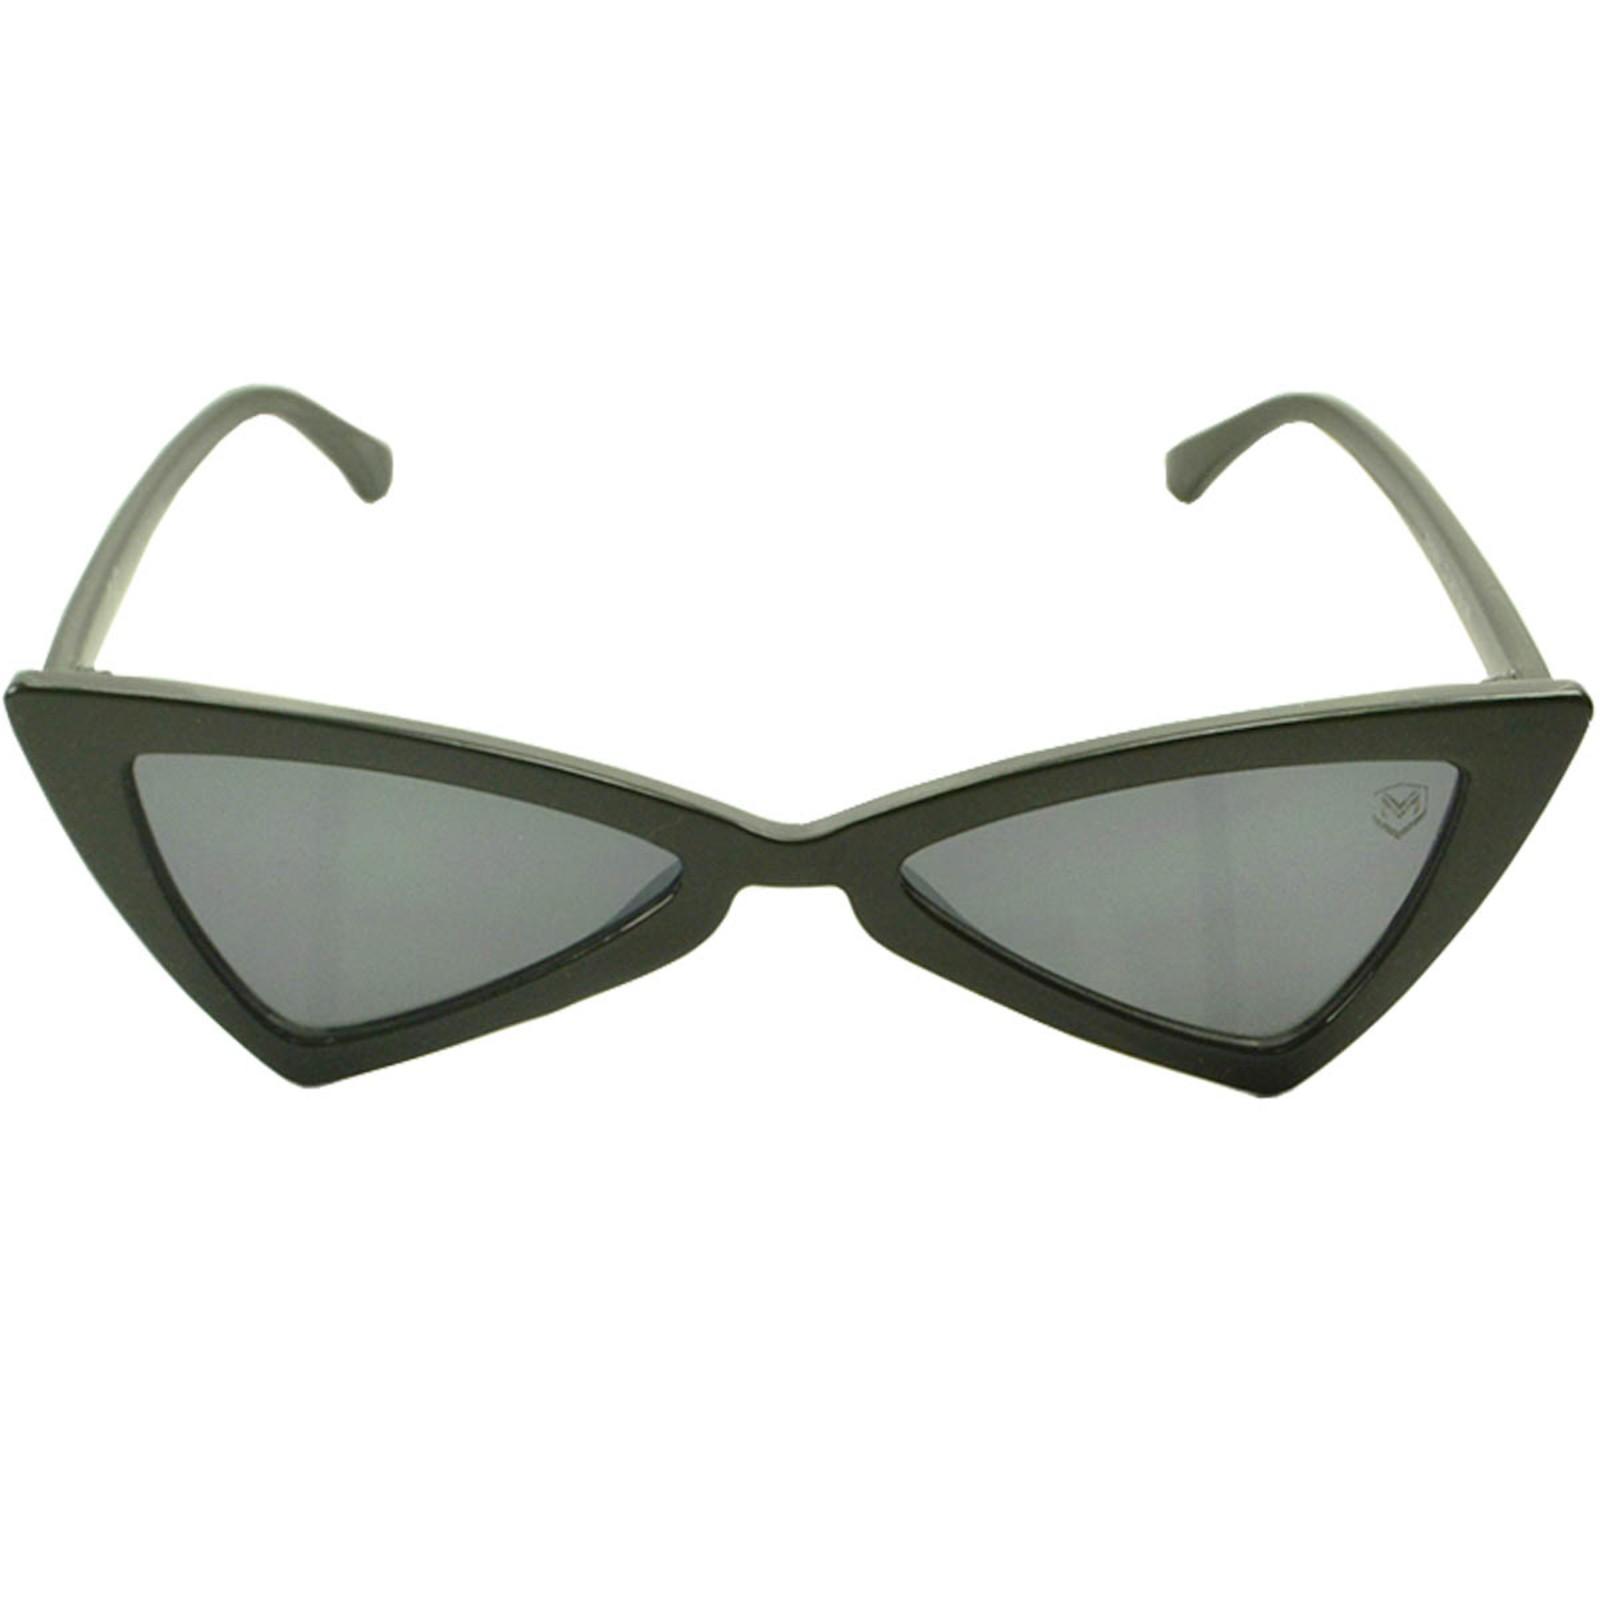 Óculos De Sol Mackage Feminino Acetato Butterfly - Verde